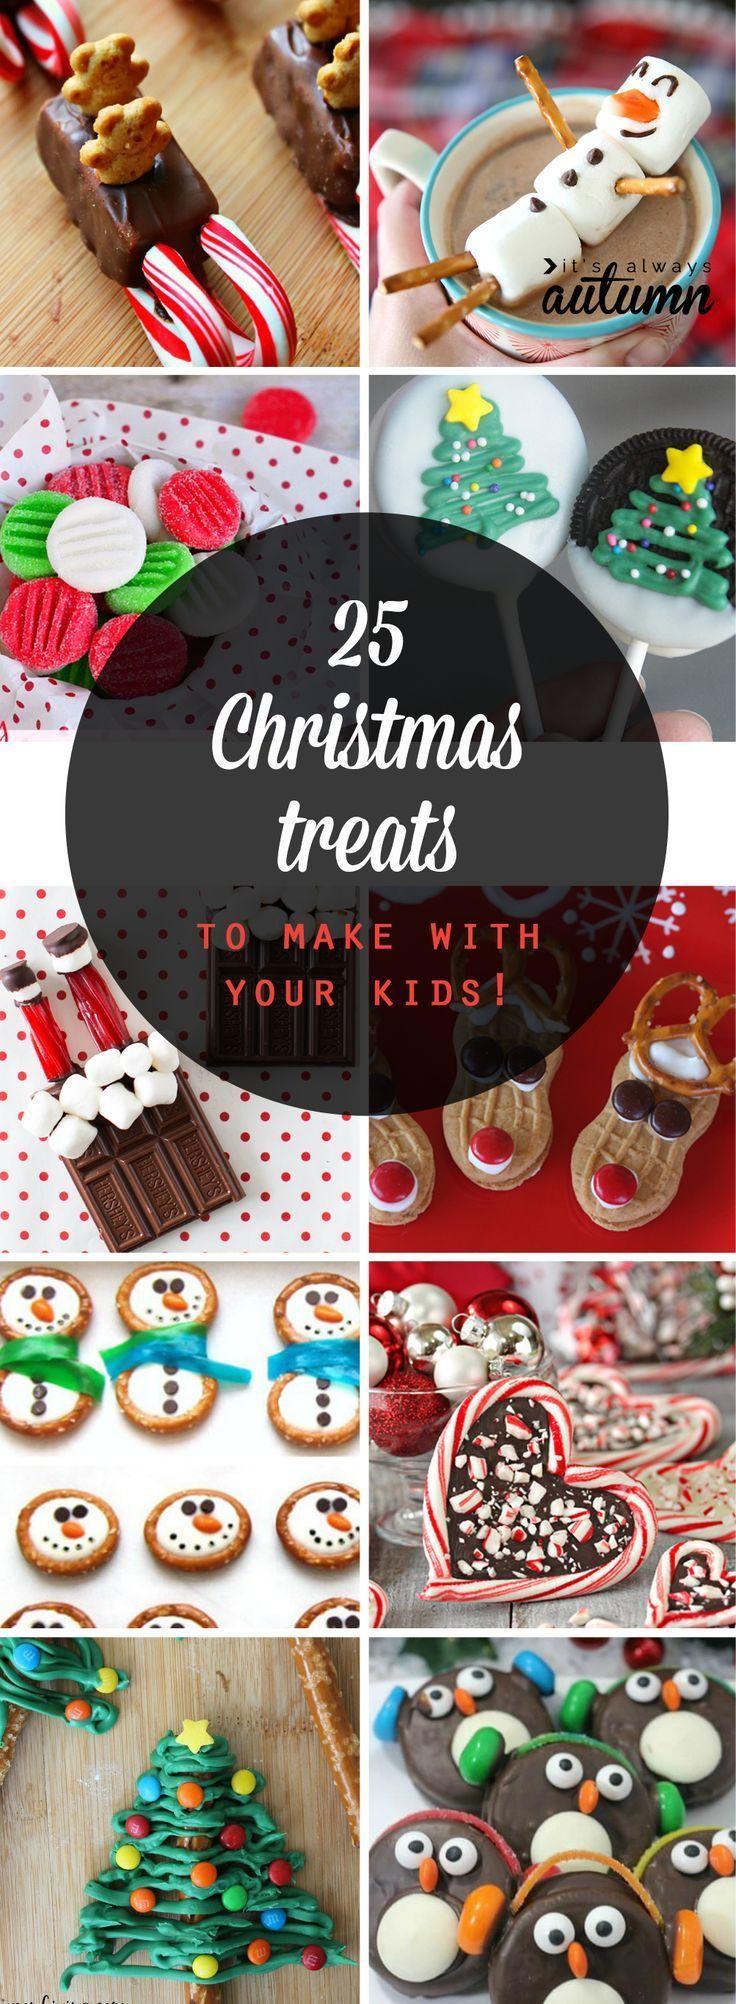 25 adorable christmas treats to make with your kids for Edible christmas gift ideas to make